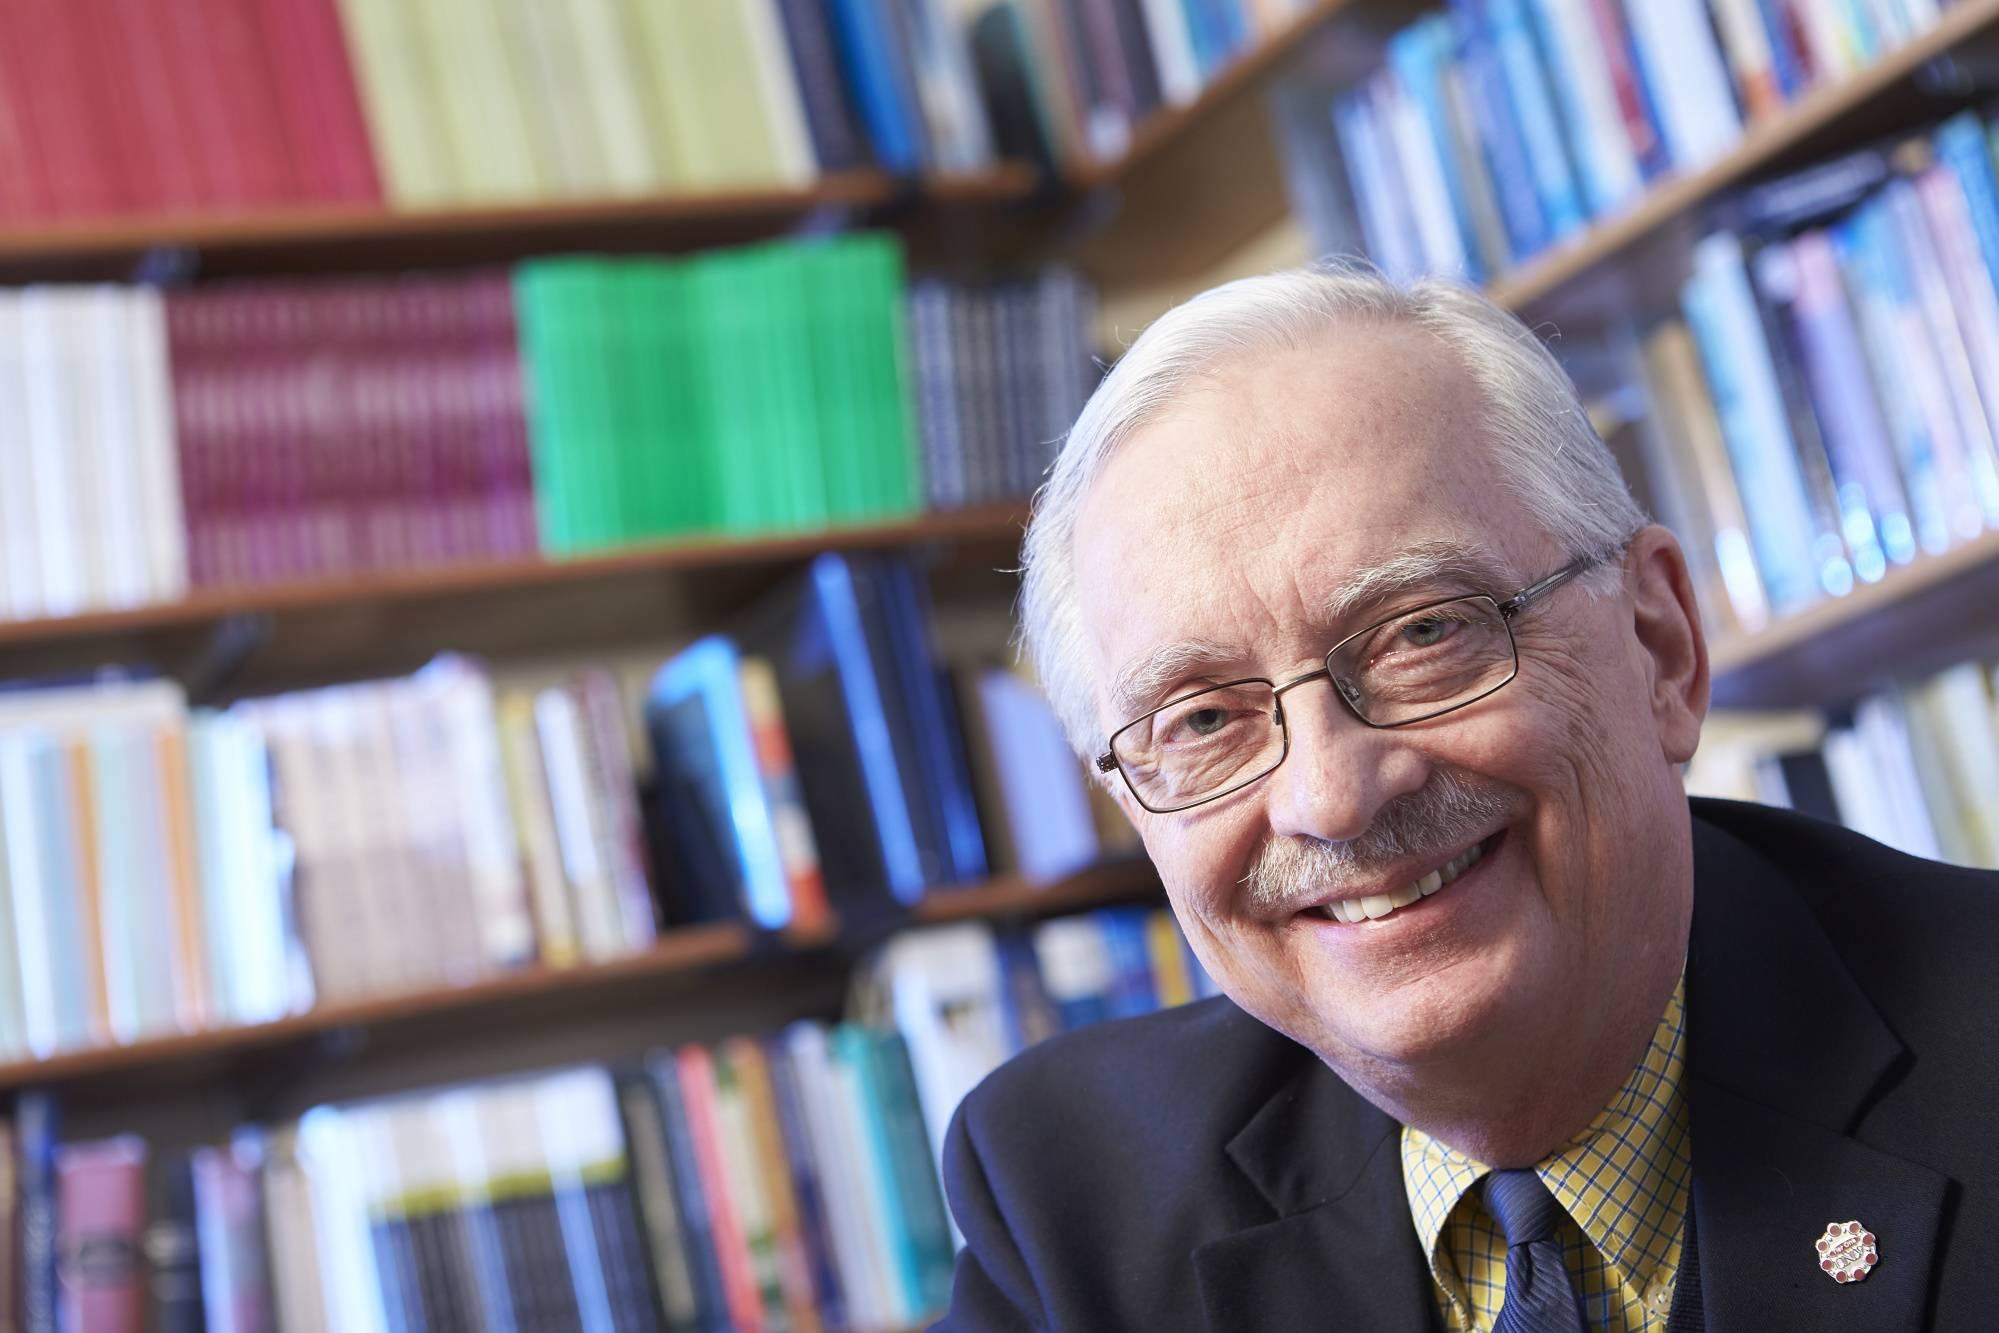 Stephen Miller, Professor Stephen Miller, UNLV Stephen Miller,